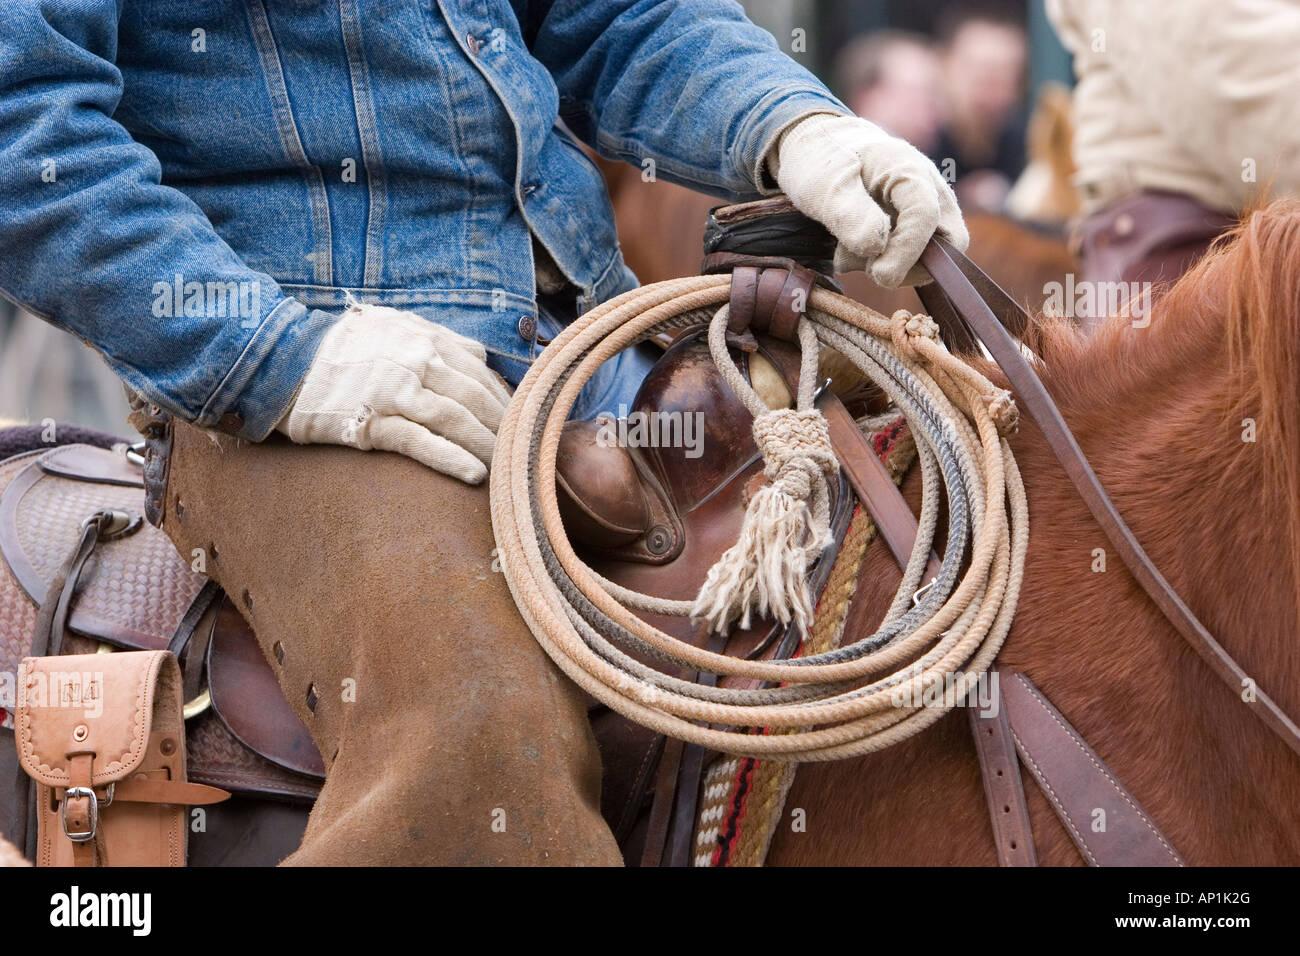 Cowboy Show Stockfotos & Cowboy Show Bilder - Alamy